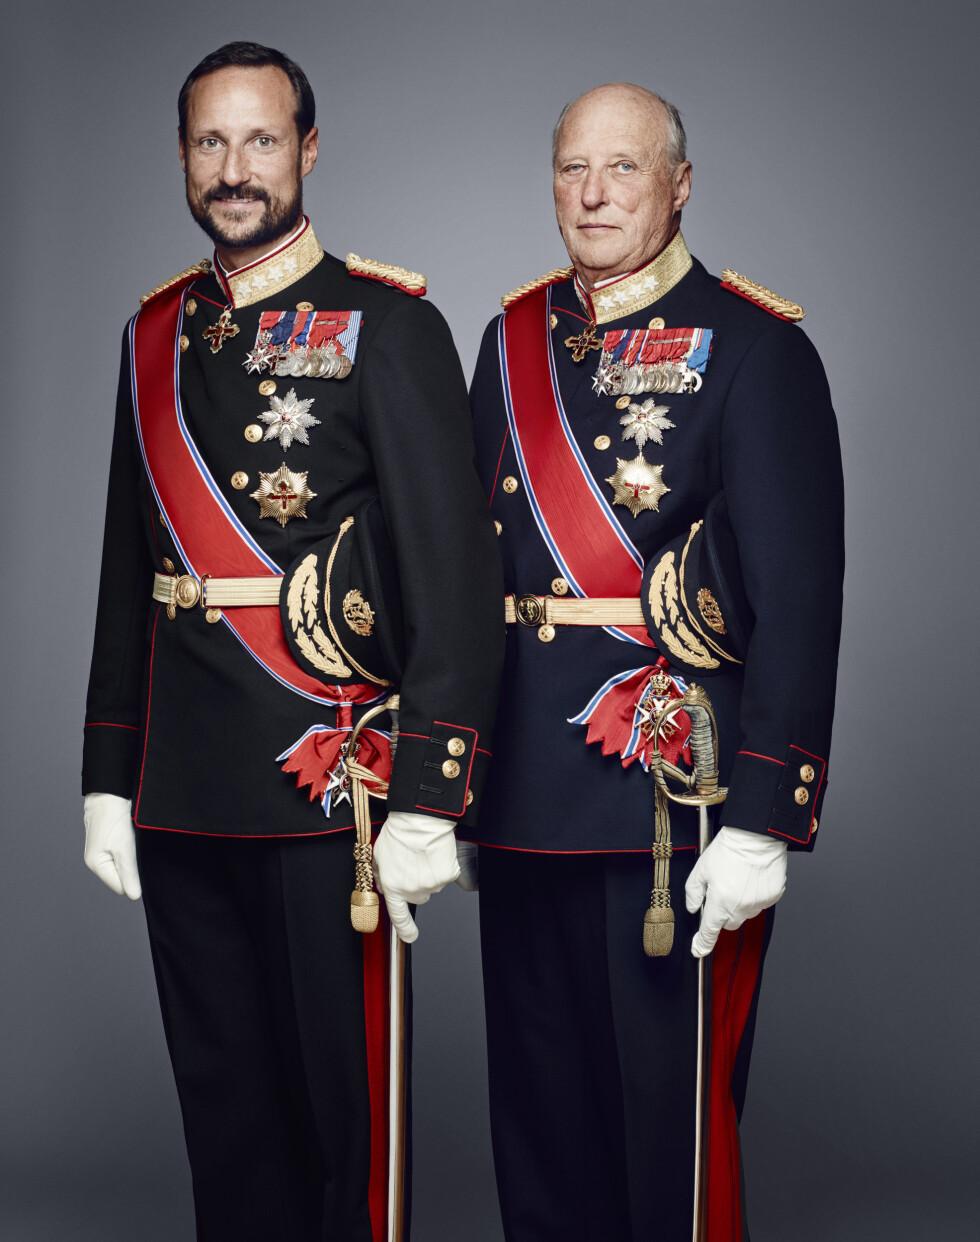 TO FLOTTE HERRER: Kronprins Haakon og kong Harald i galla.  Foto: Det kongelige hoff Jørgen Gomnæs / NTB scanpix